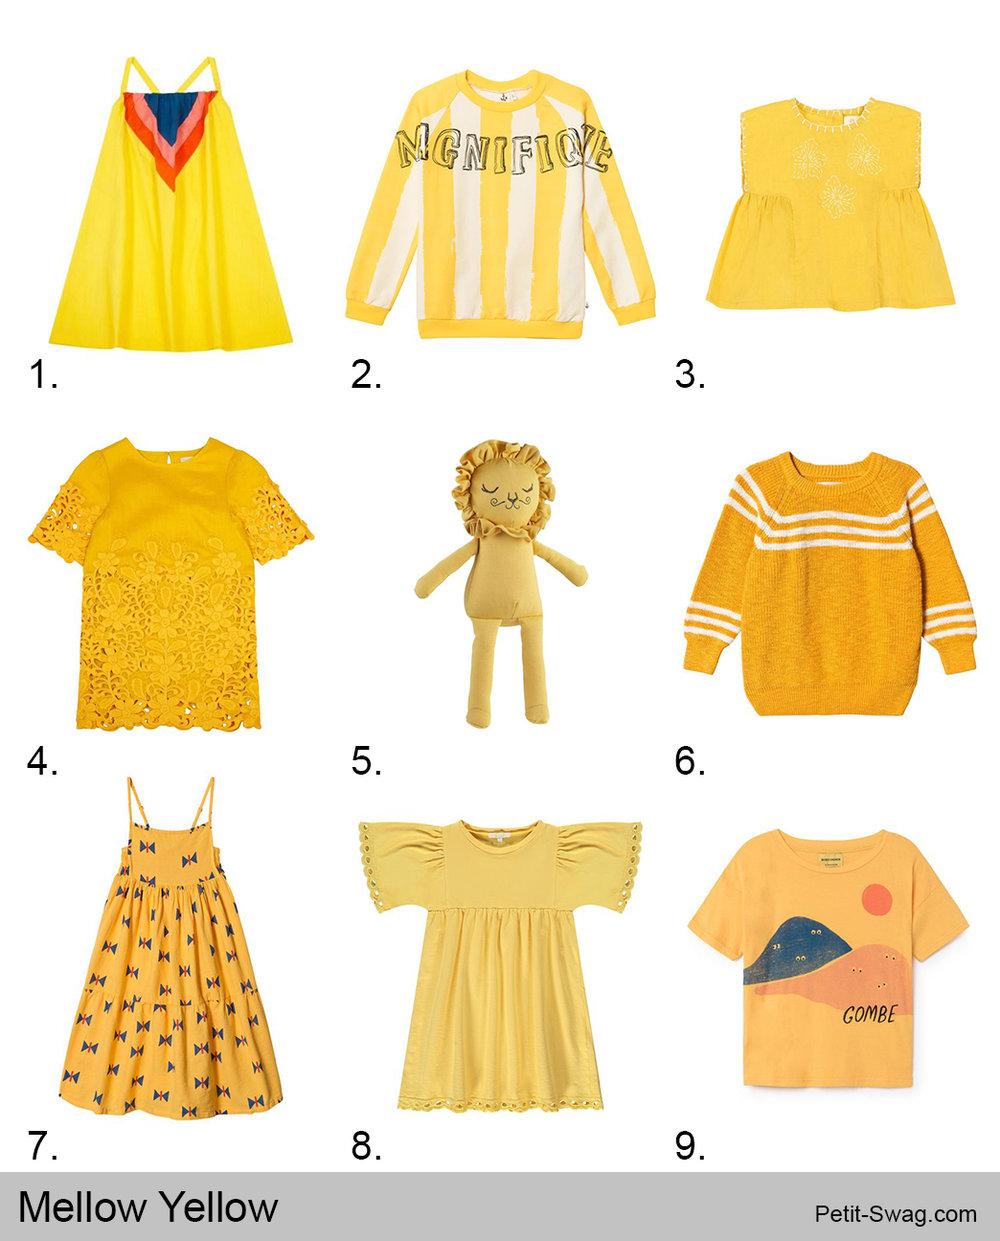 Mellow Yellow | Petit-Swag.com